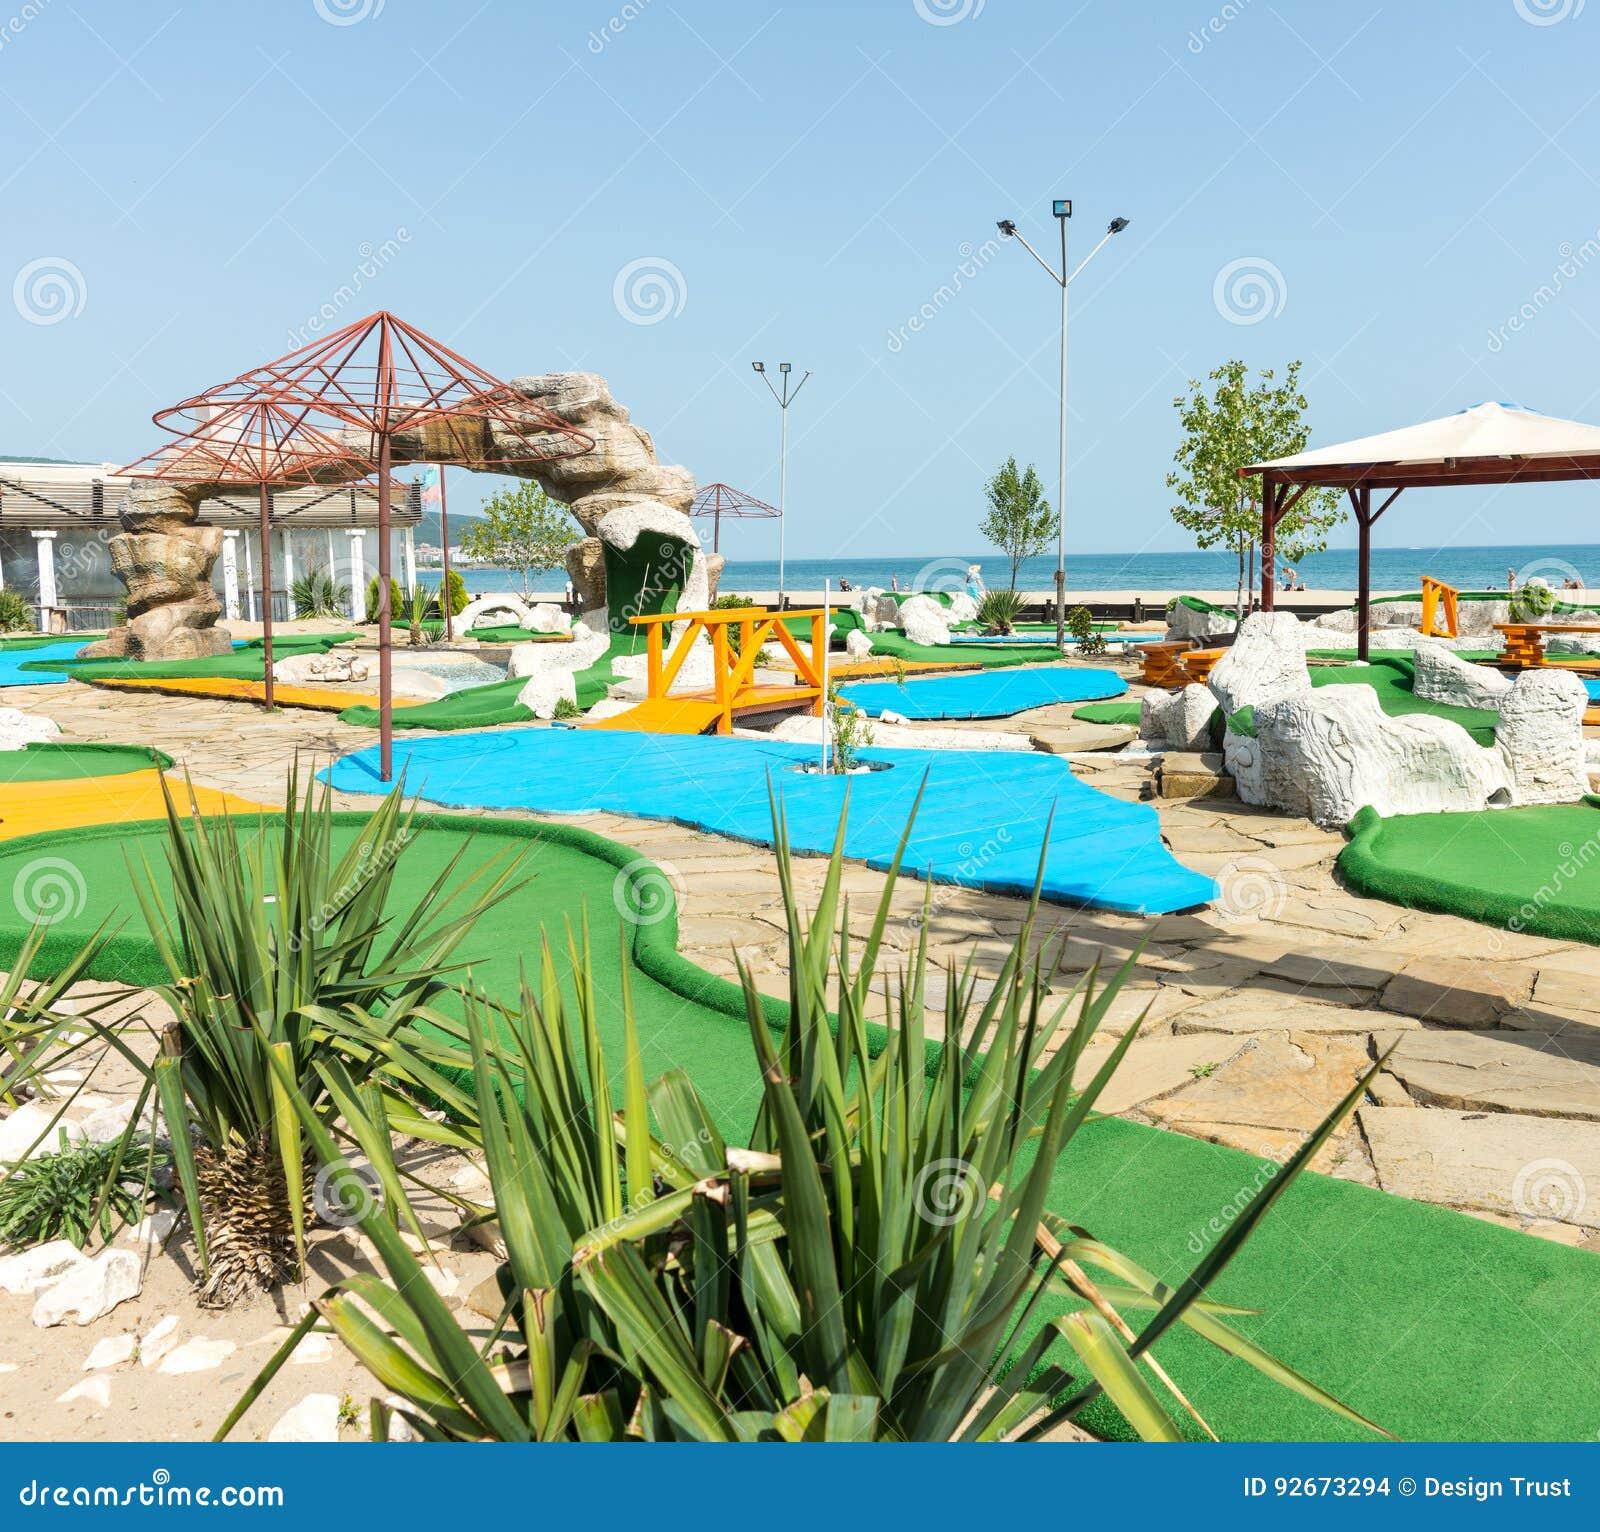 Mini golf course on the beach of Sunny Beach in Bulgaria